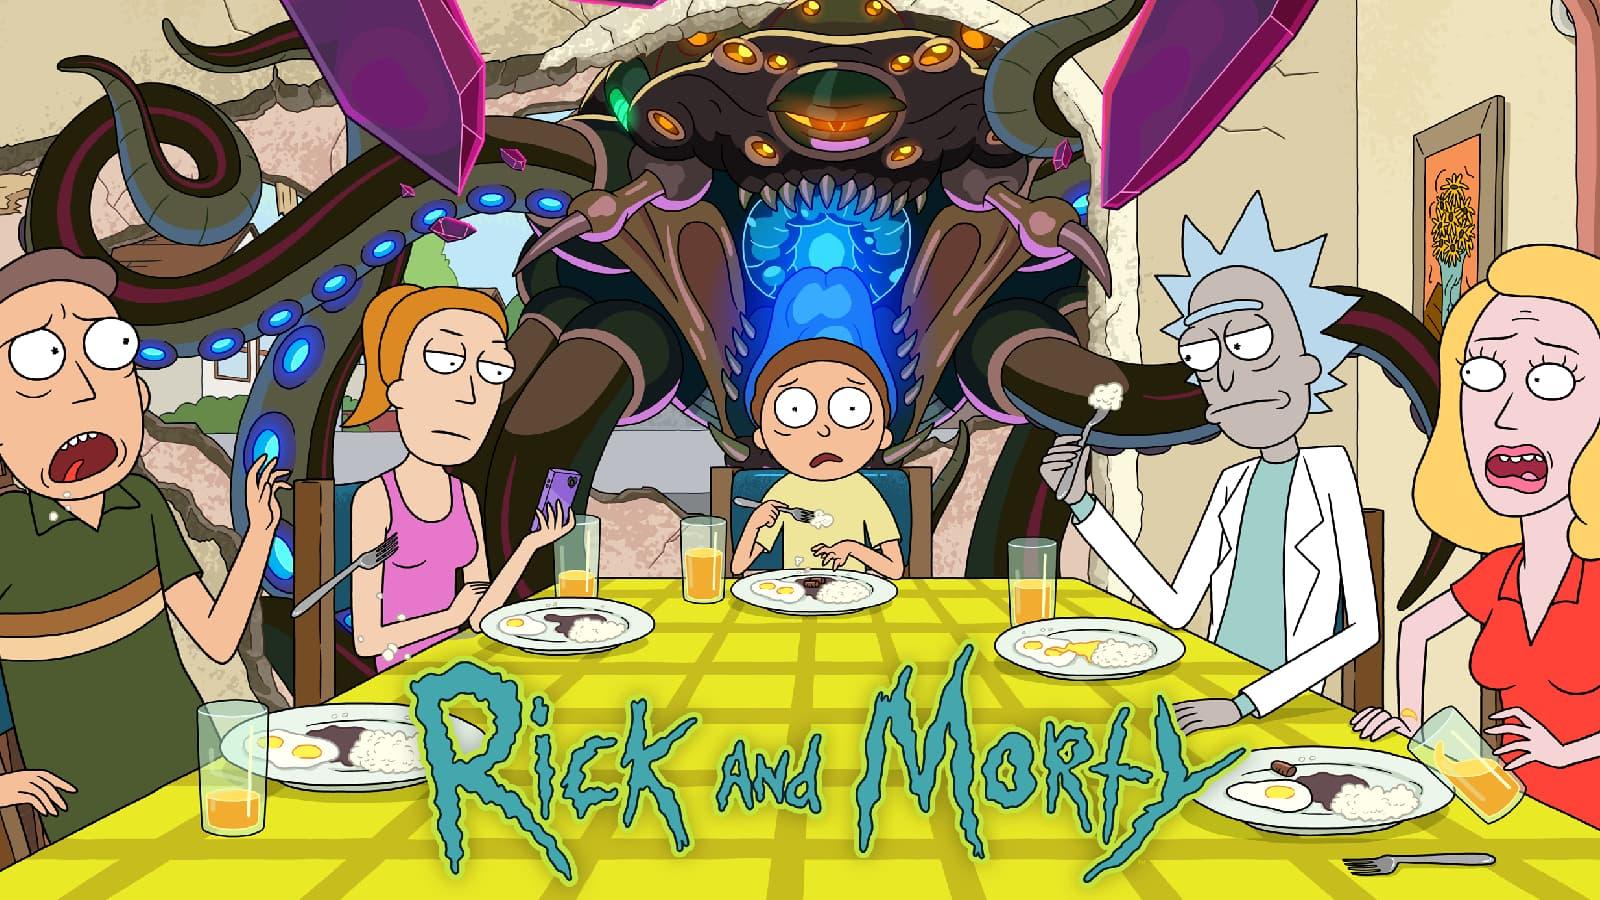 Retrouvez Rick et Morty en exclusivité sur Adult Swim / Toonami